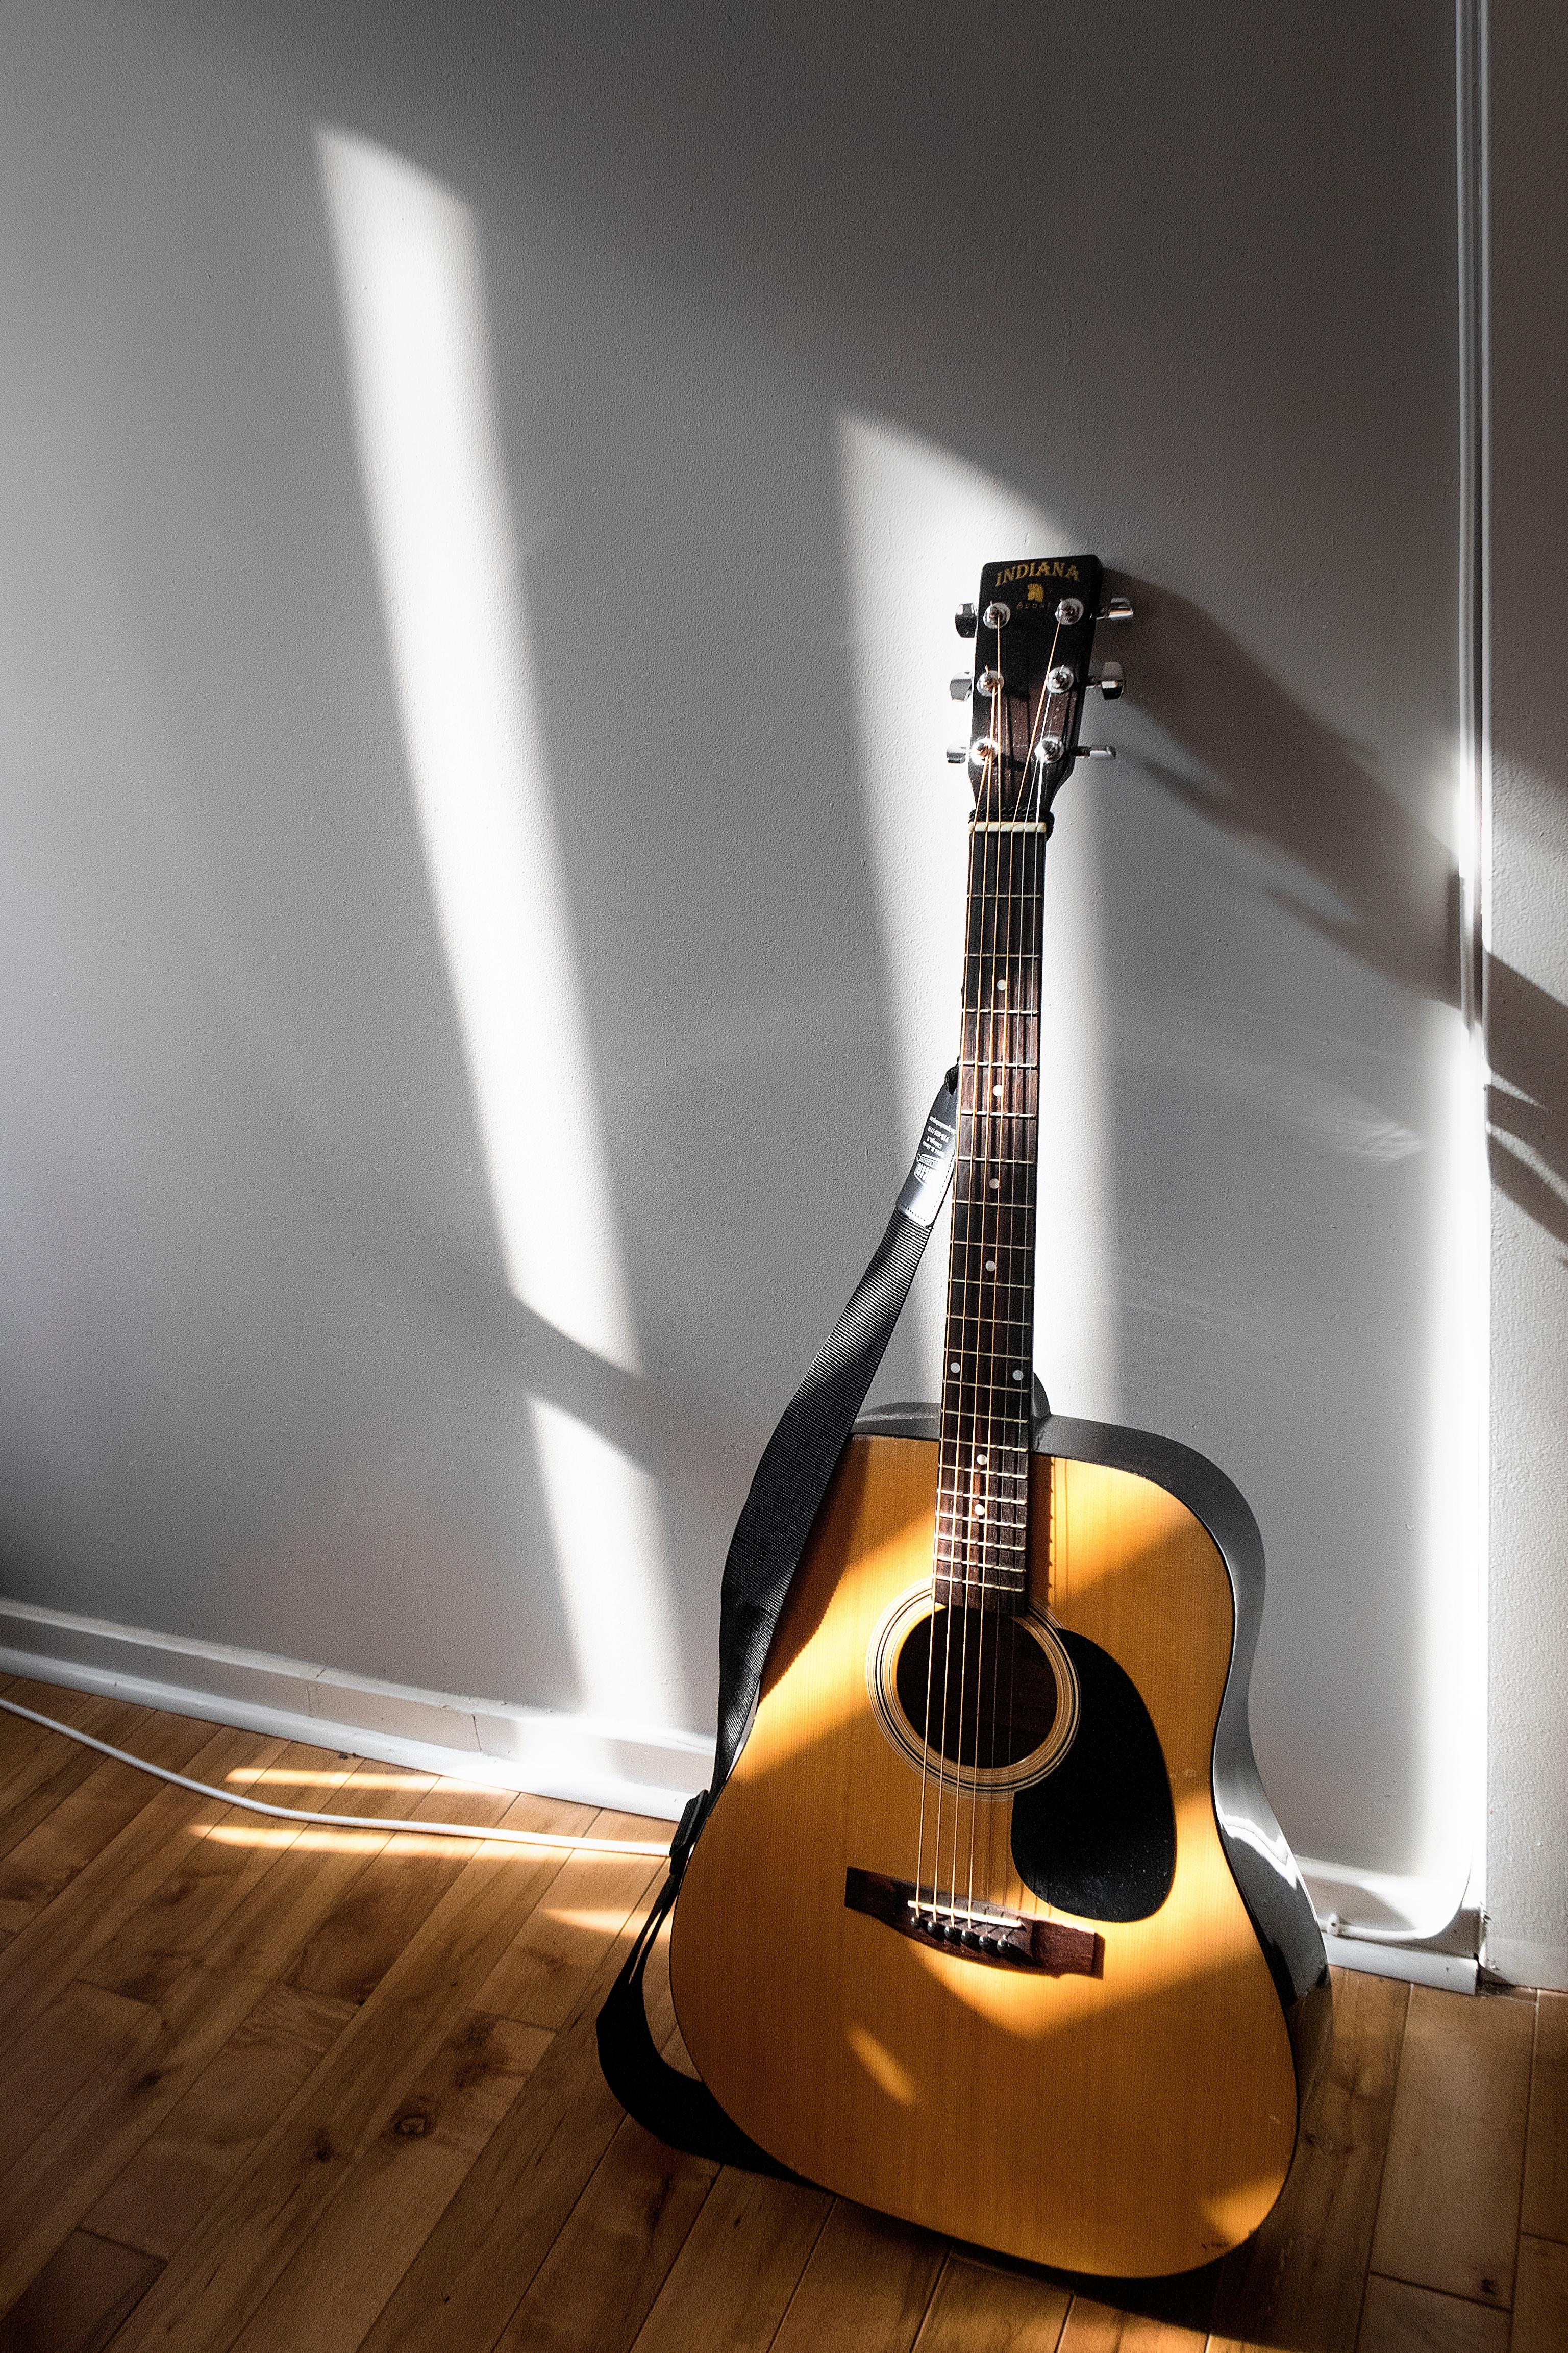 всего, стоит оригинальные картинки гитары всей видимости, большая